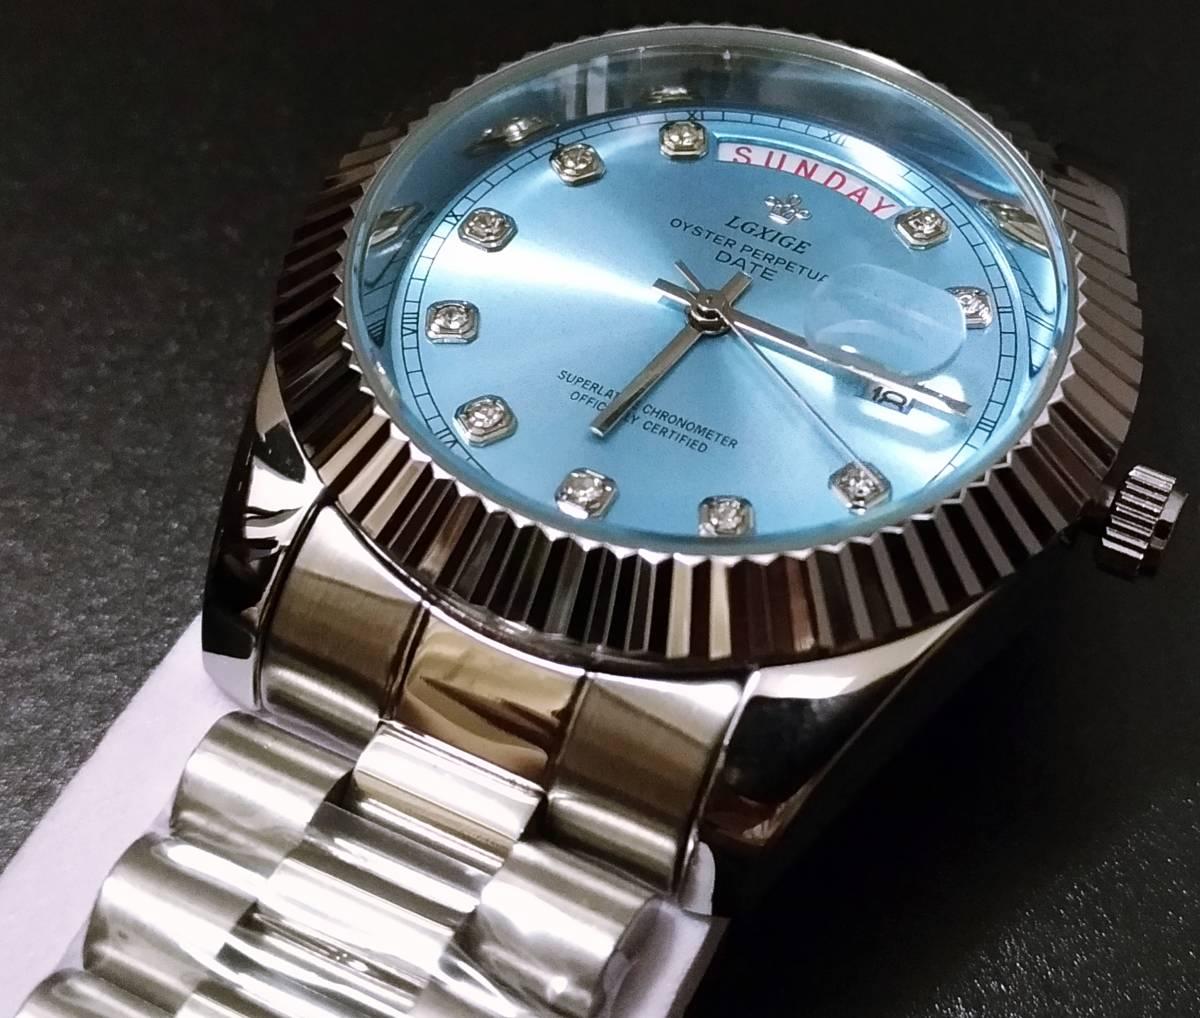 【送料無料】LGXIGE デイデイトスタイル アイスブルー ハイエンド ロレックス系オマージュ ウォッチ 腕時計 高級 メンズ サファイア_画像4